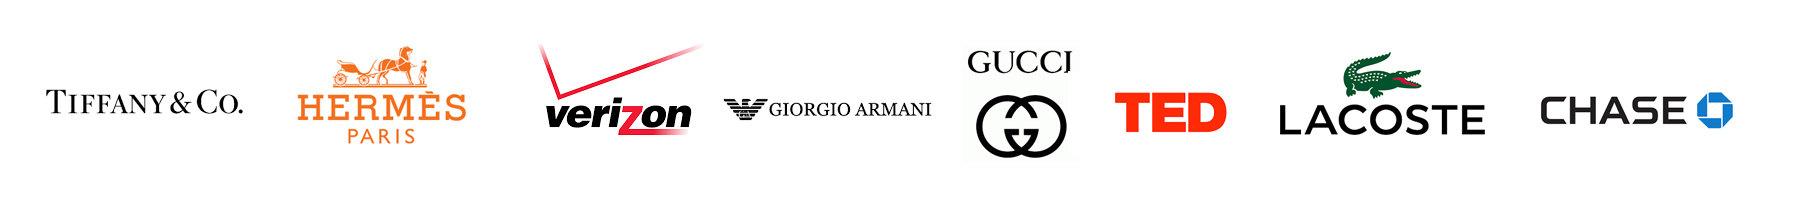 Sign Client logos 3.jpg